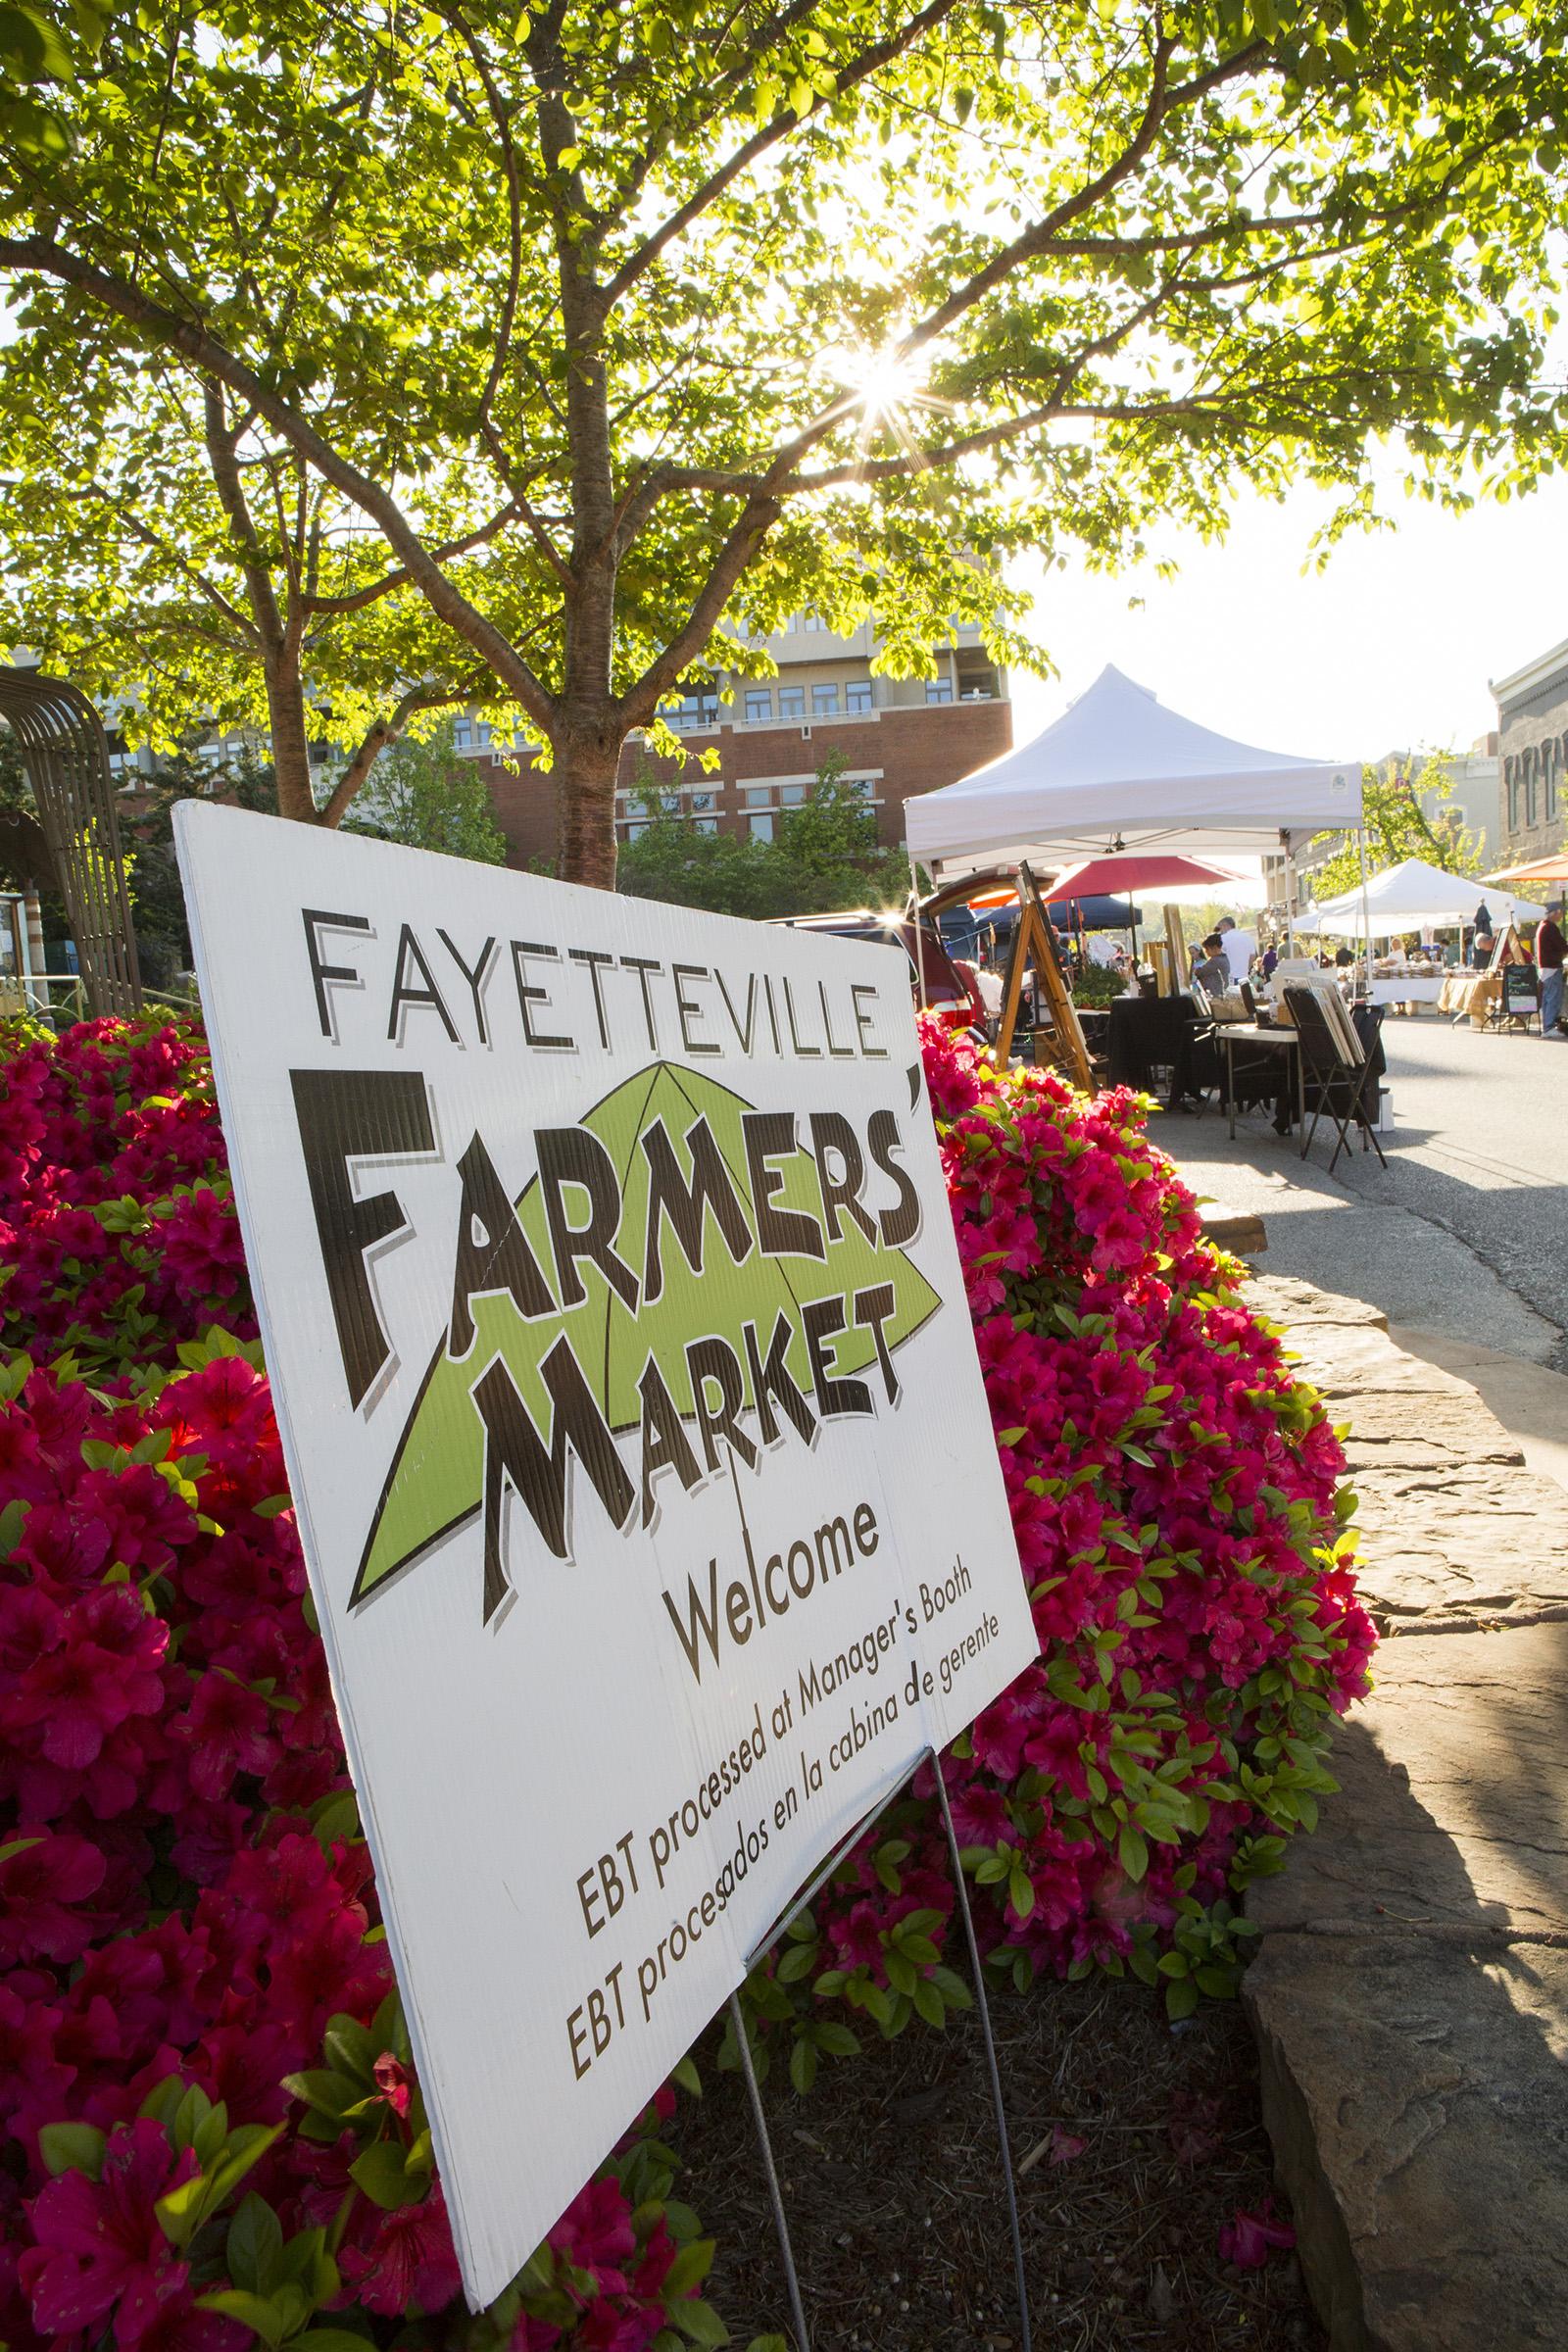 Fayetteville Farmers Market 78100.jpg